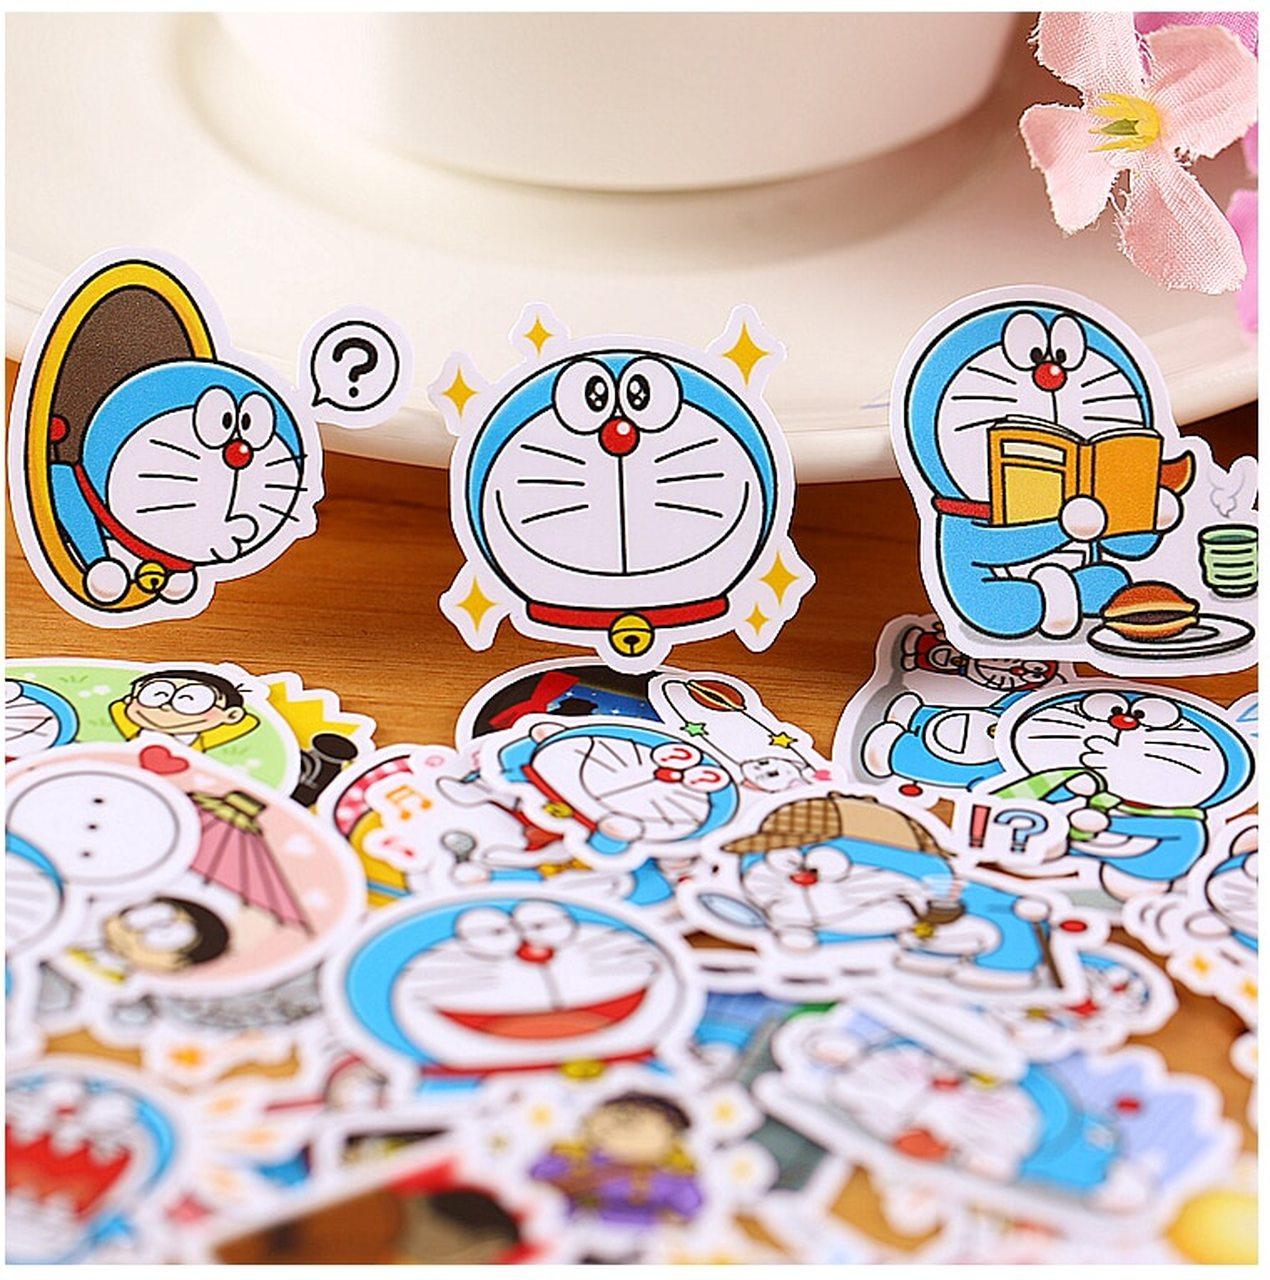 Giá Cực Tốt Khi Mua 120 Mẫu Sticker Hình Dán Decal Chống Nước Chủ đề Mèo Máy Đô Rê Mon Doraemon